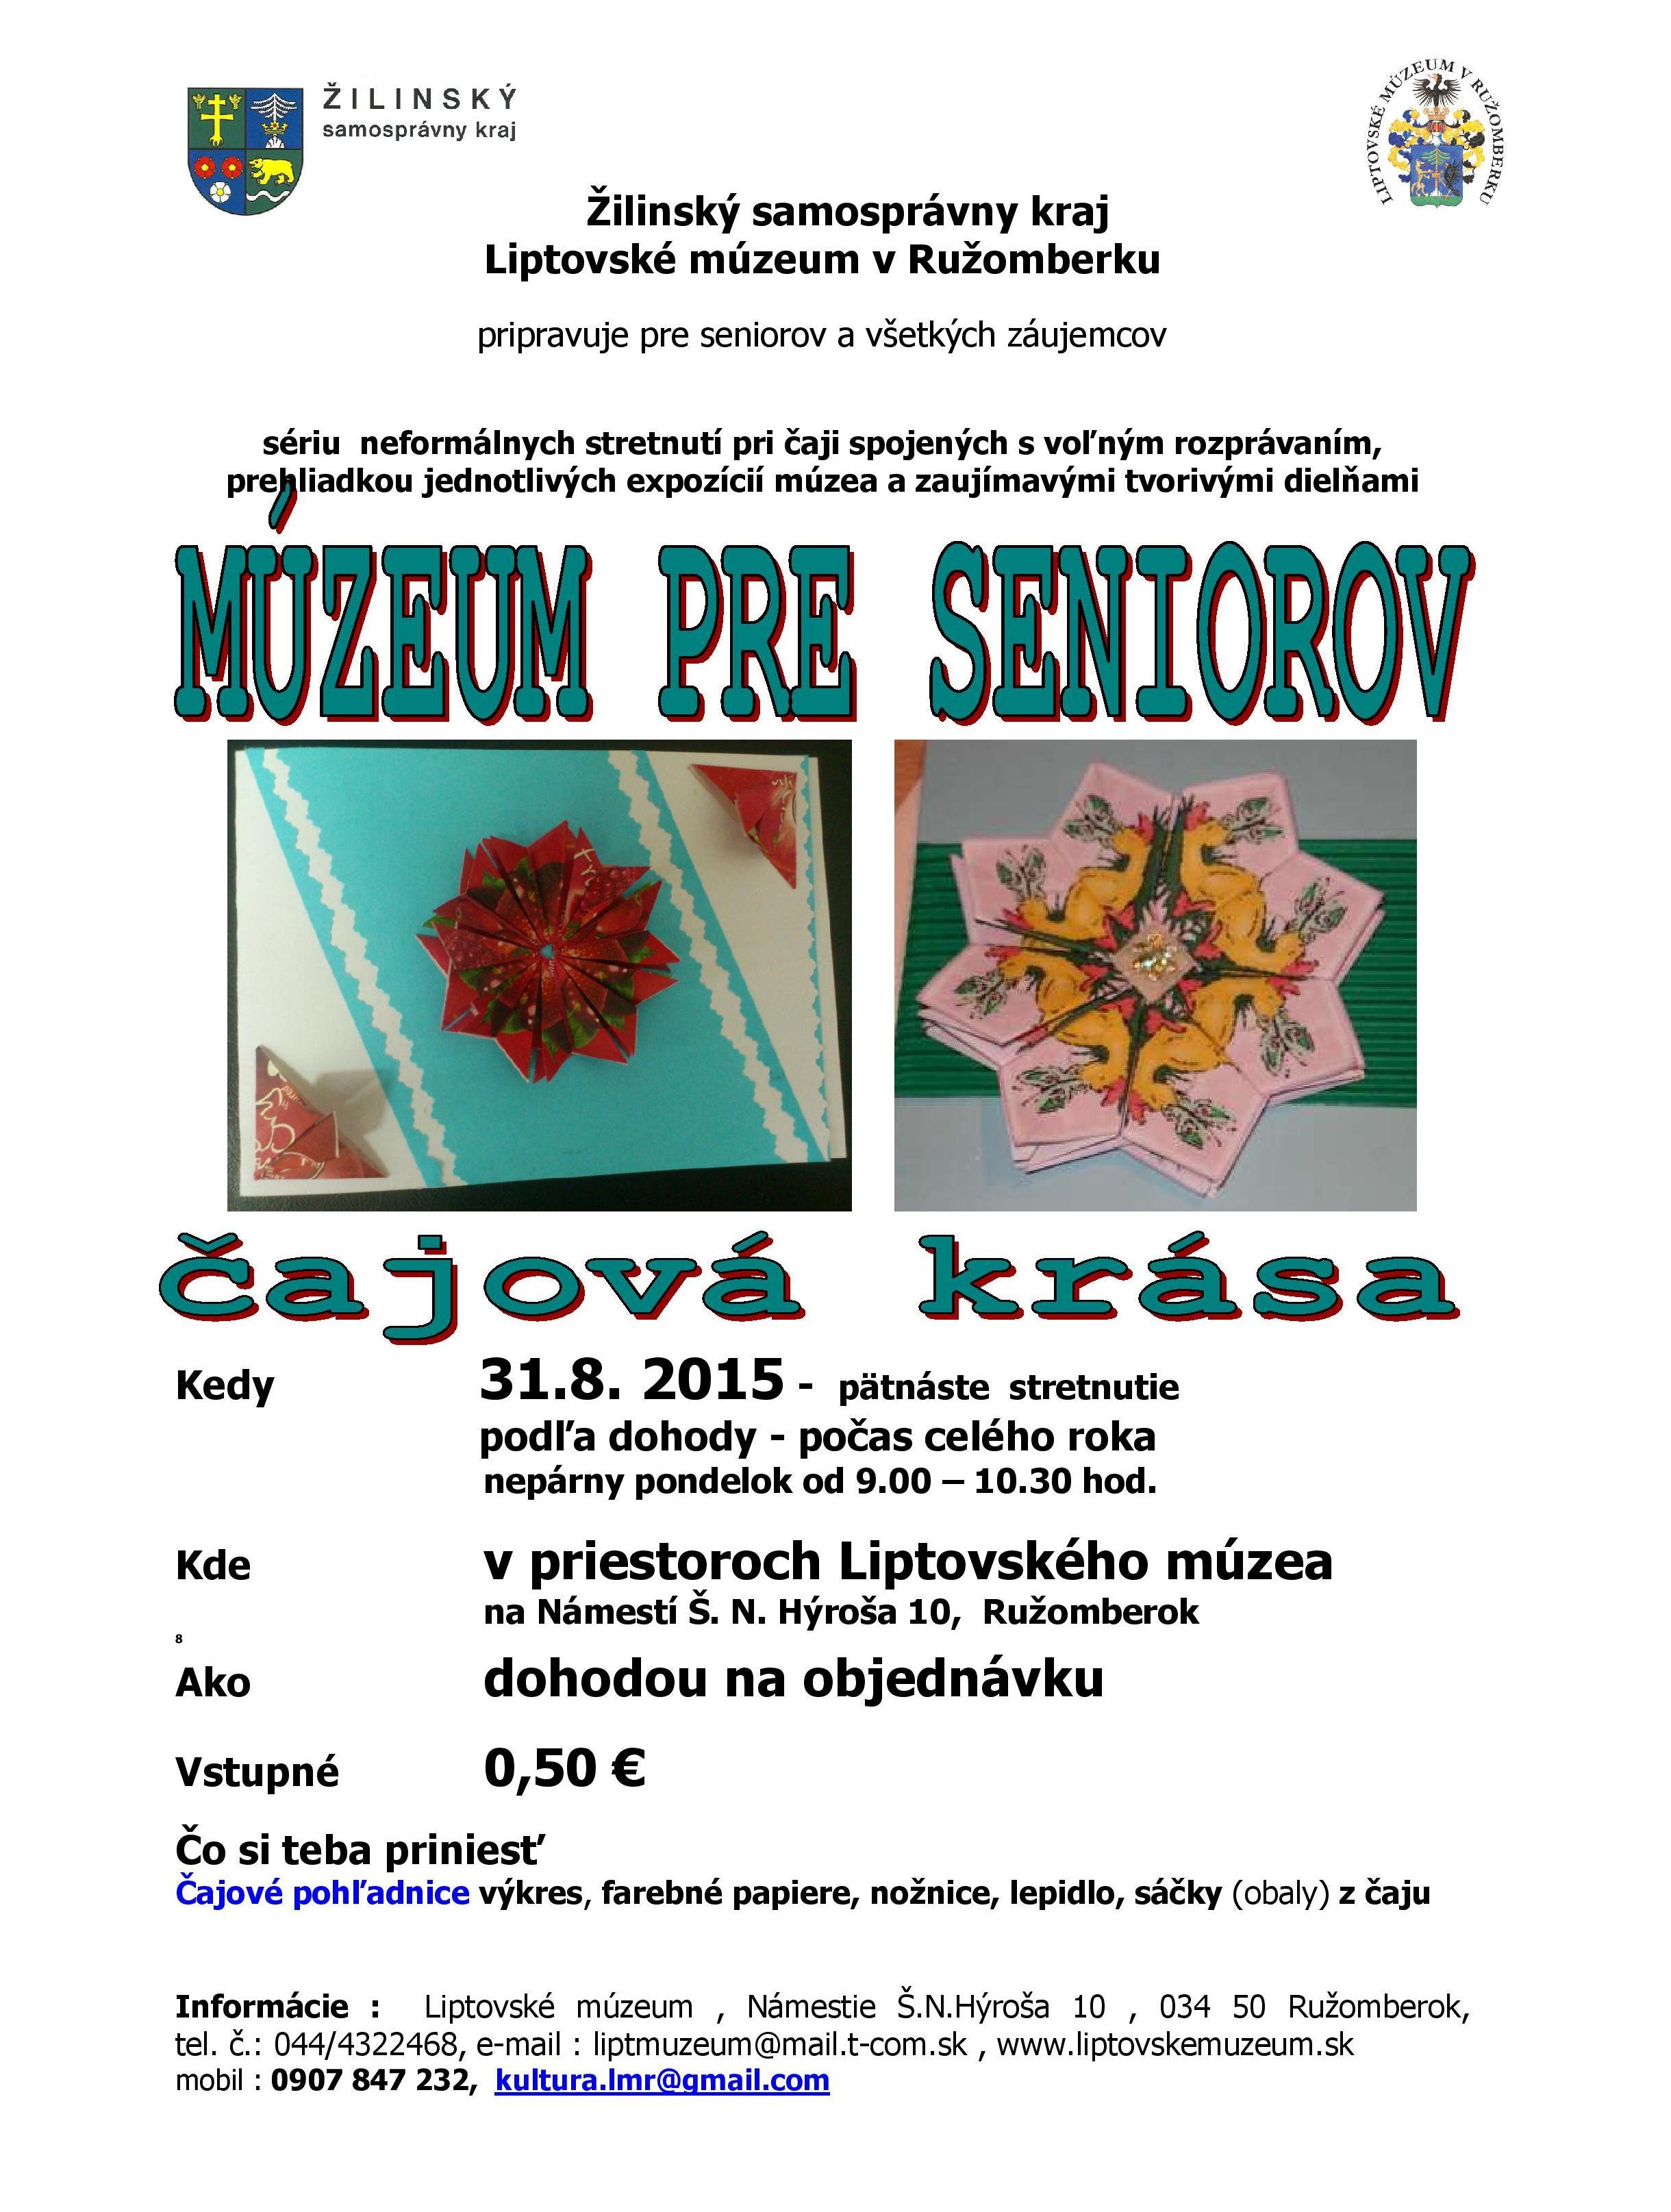 mps-cajova-krasa-31-8-15-plagat